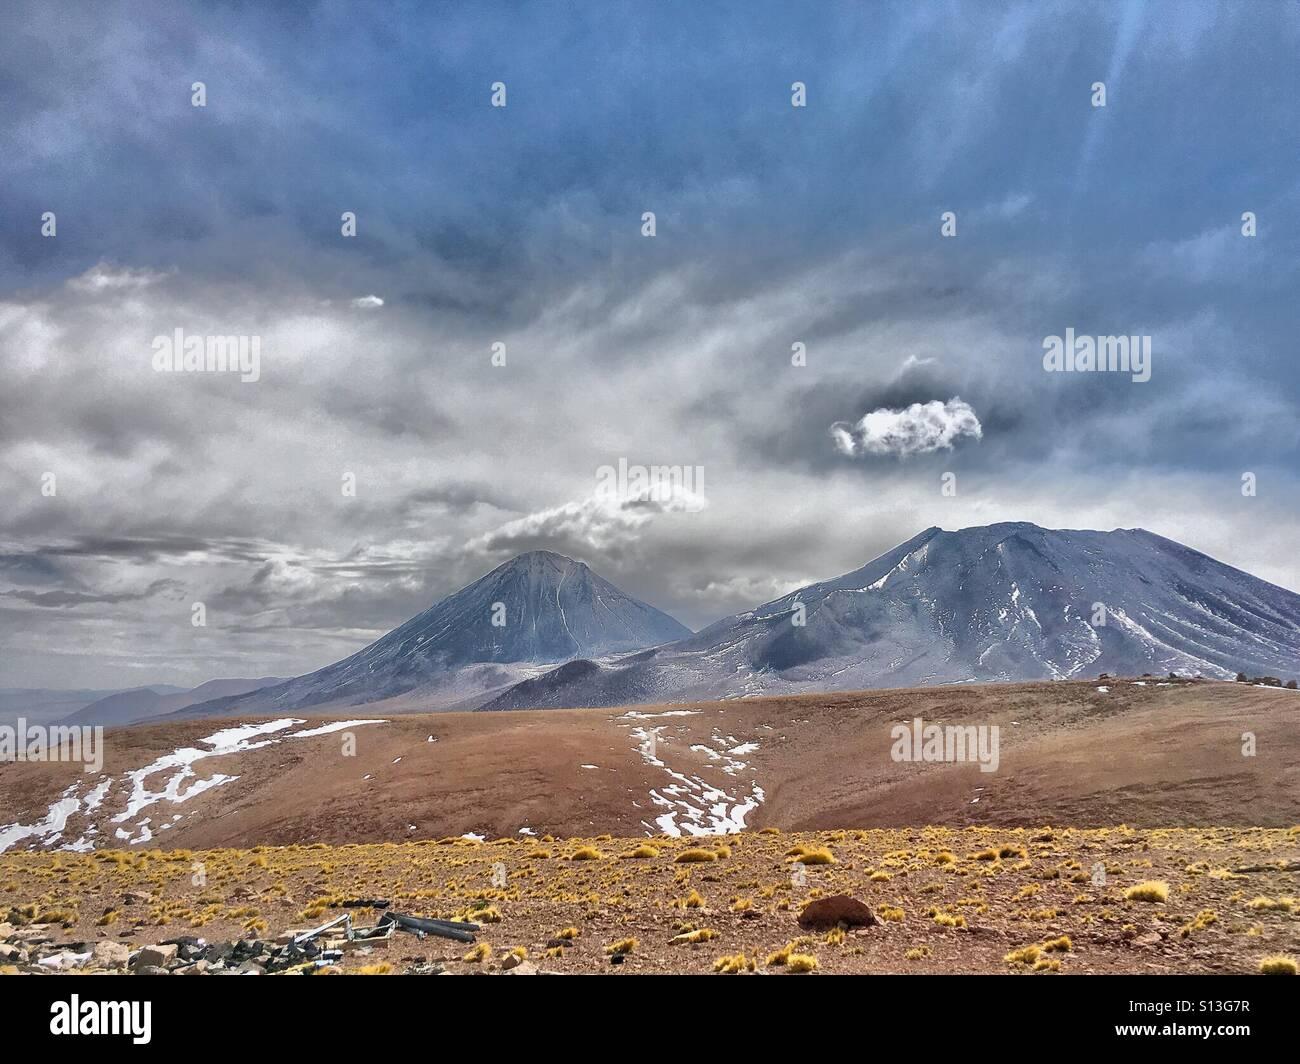 Volcán Licancabur, el desierto de Atacama, norte de Chile Imagen De Stock